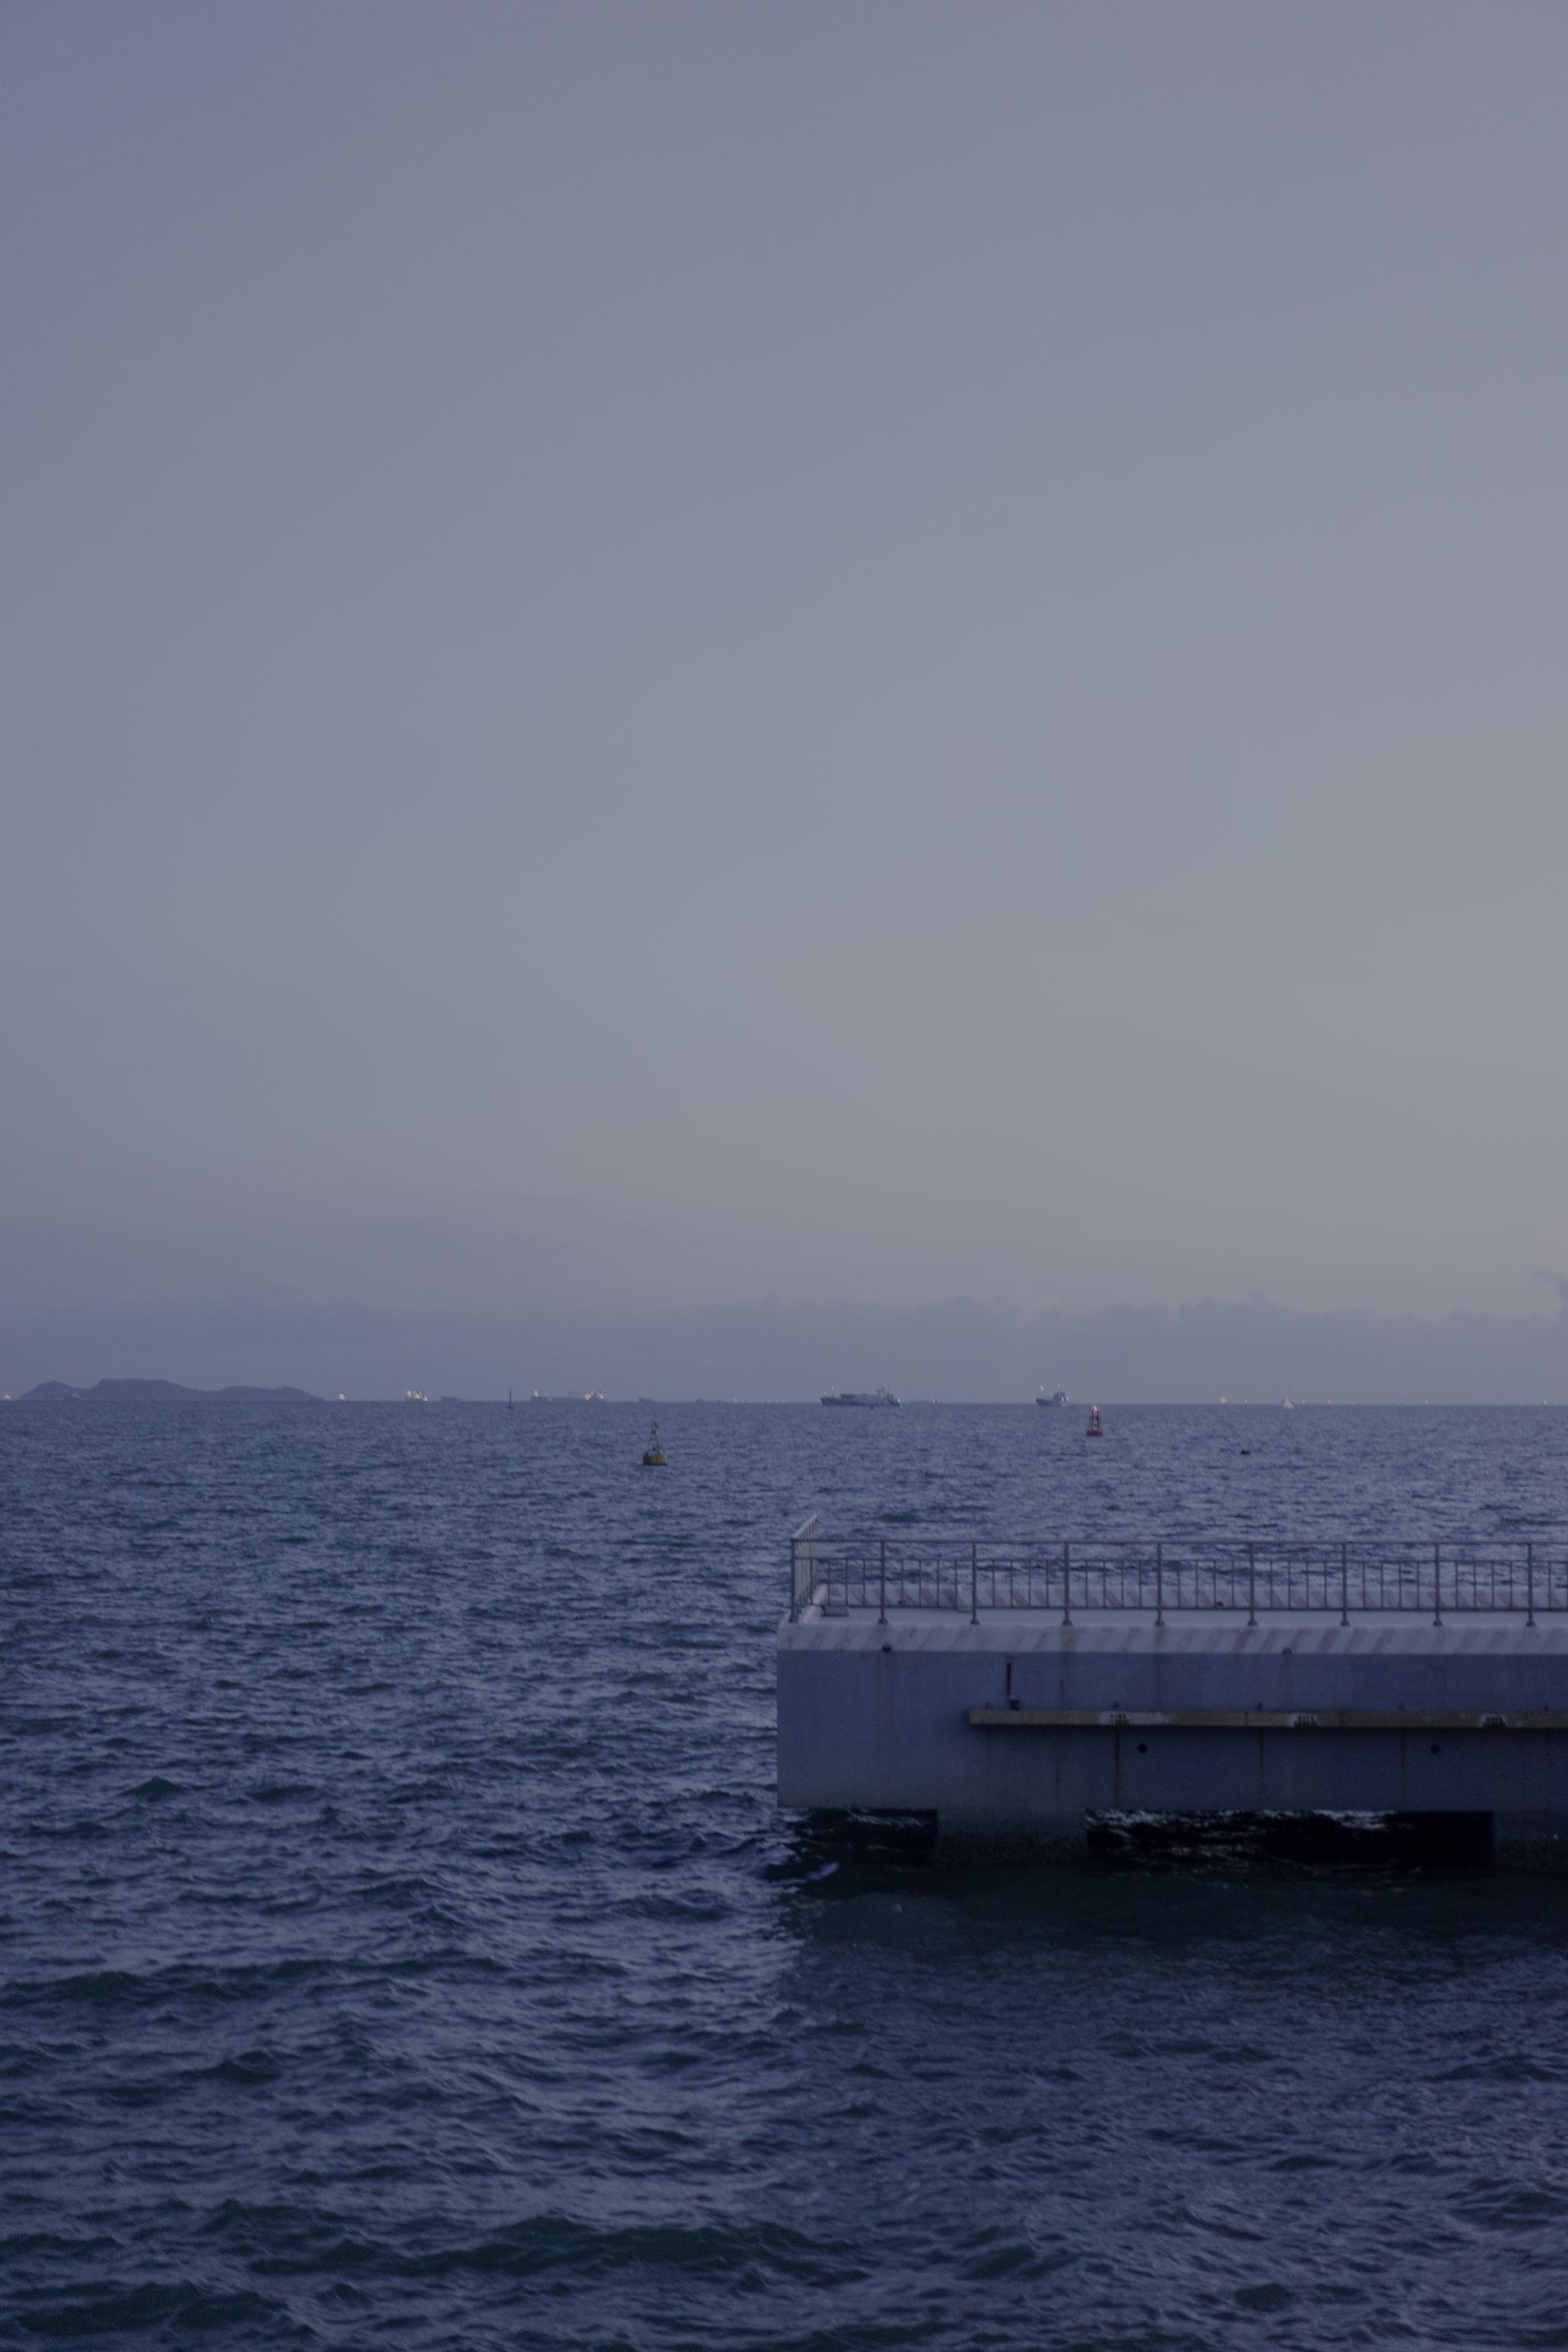 我们去看海吧by@一粒子儿